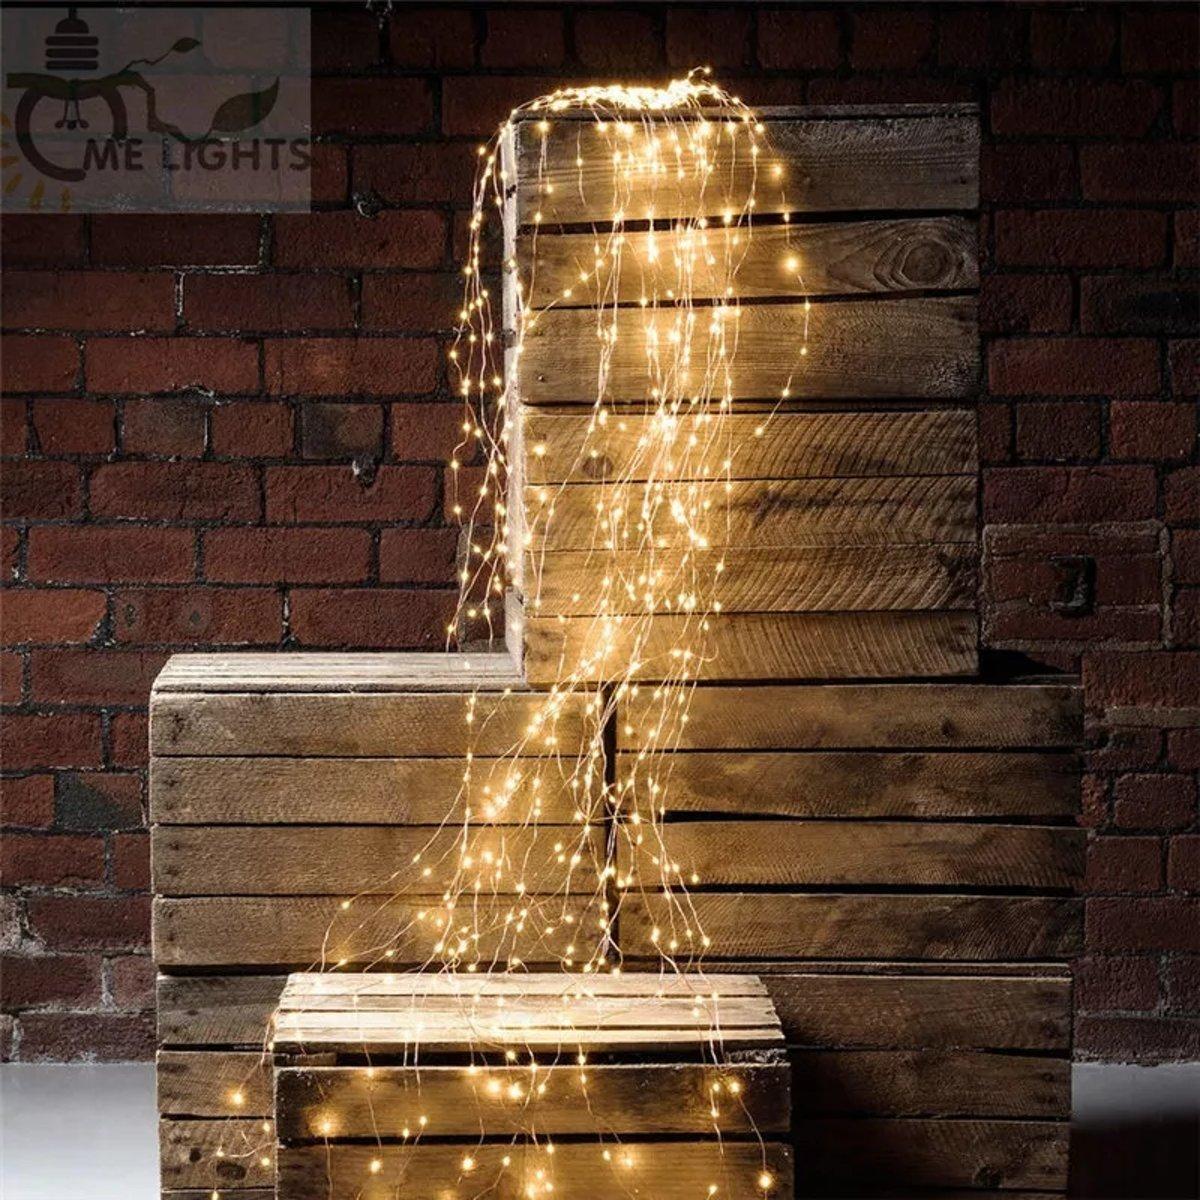 Led lampjes verlichtingsbundel - 10 strengen van 80 cm - Kerst versiering - Regen / ijs / waterval lichtjes - Fairy lights - Draadverlichting kopen